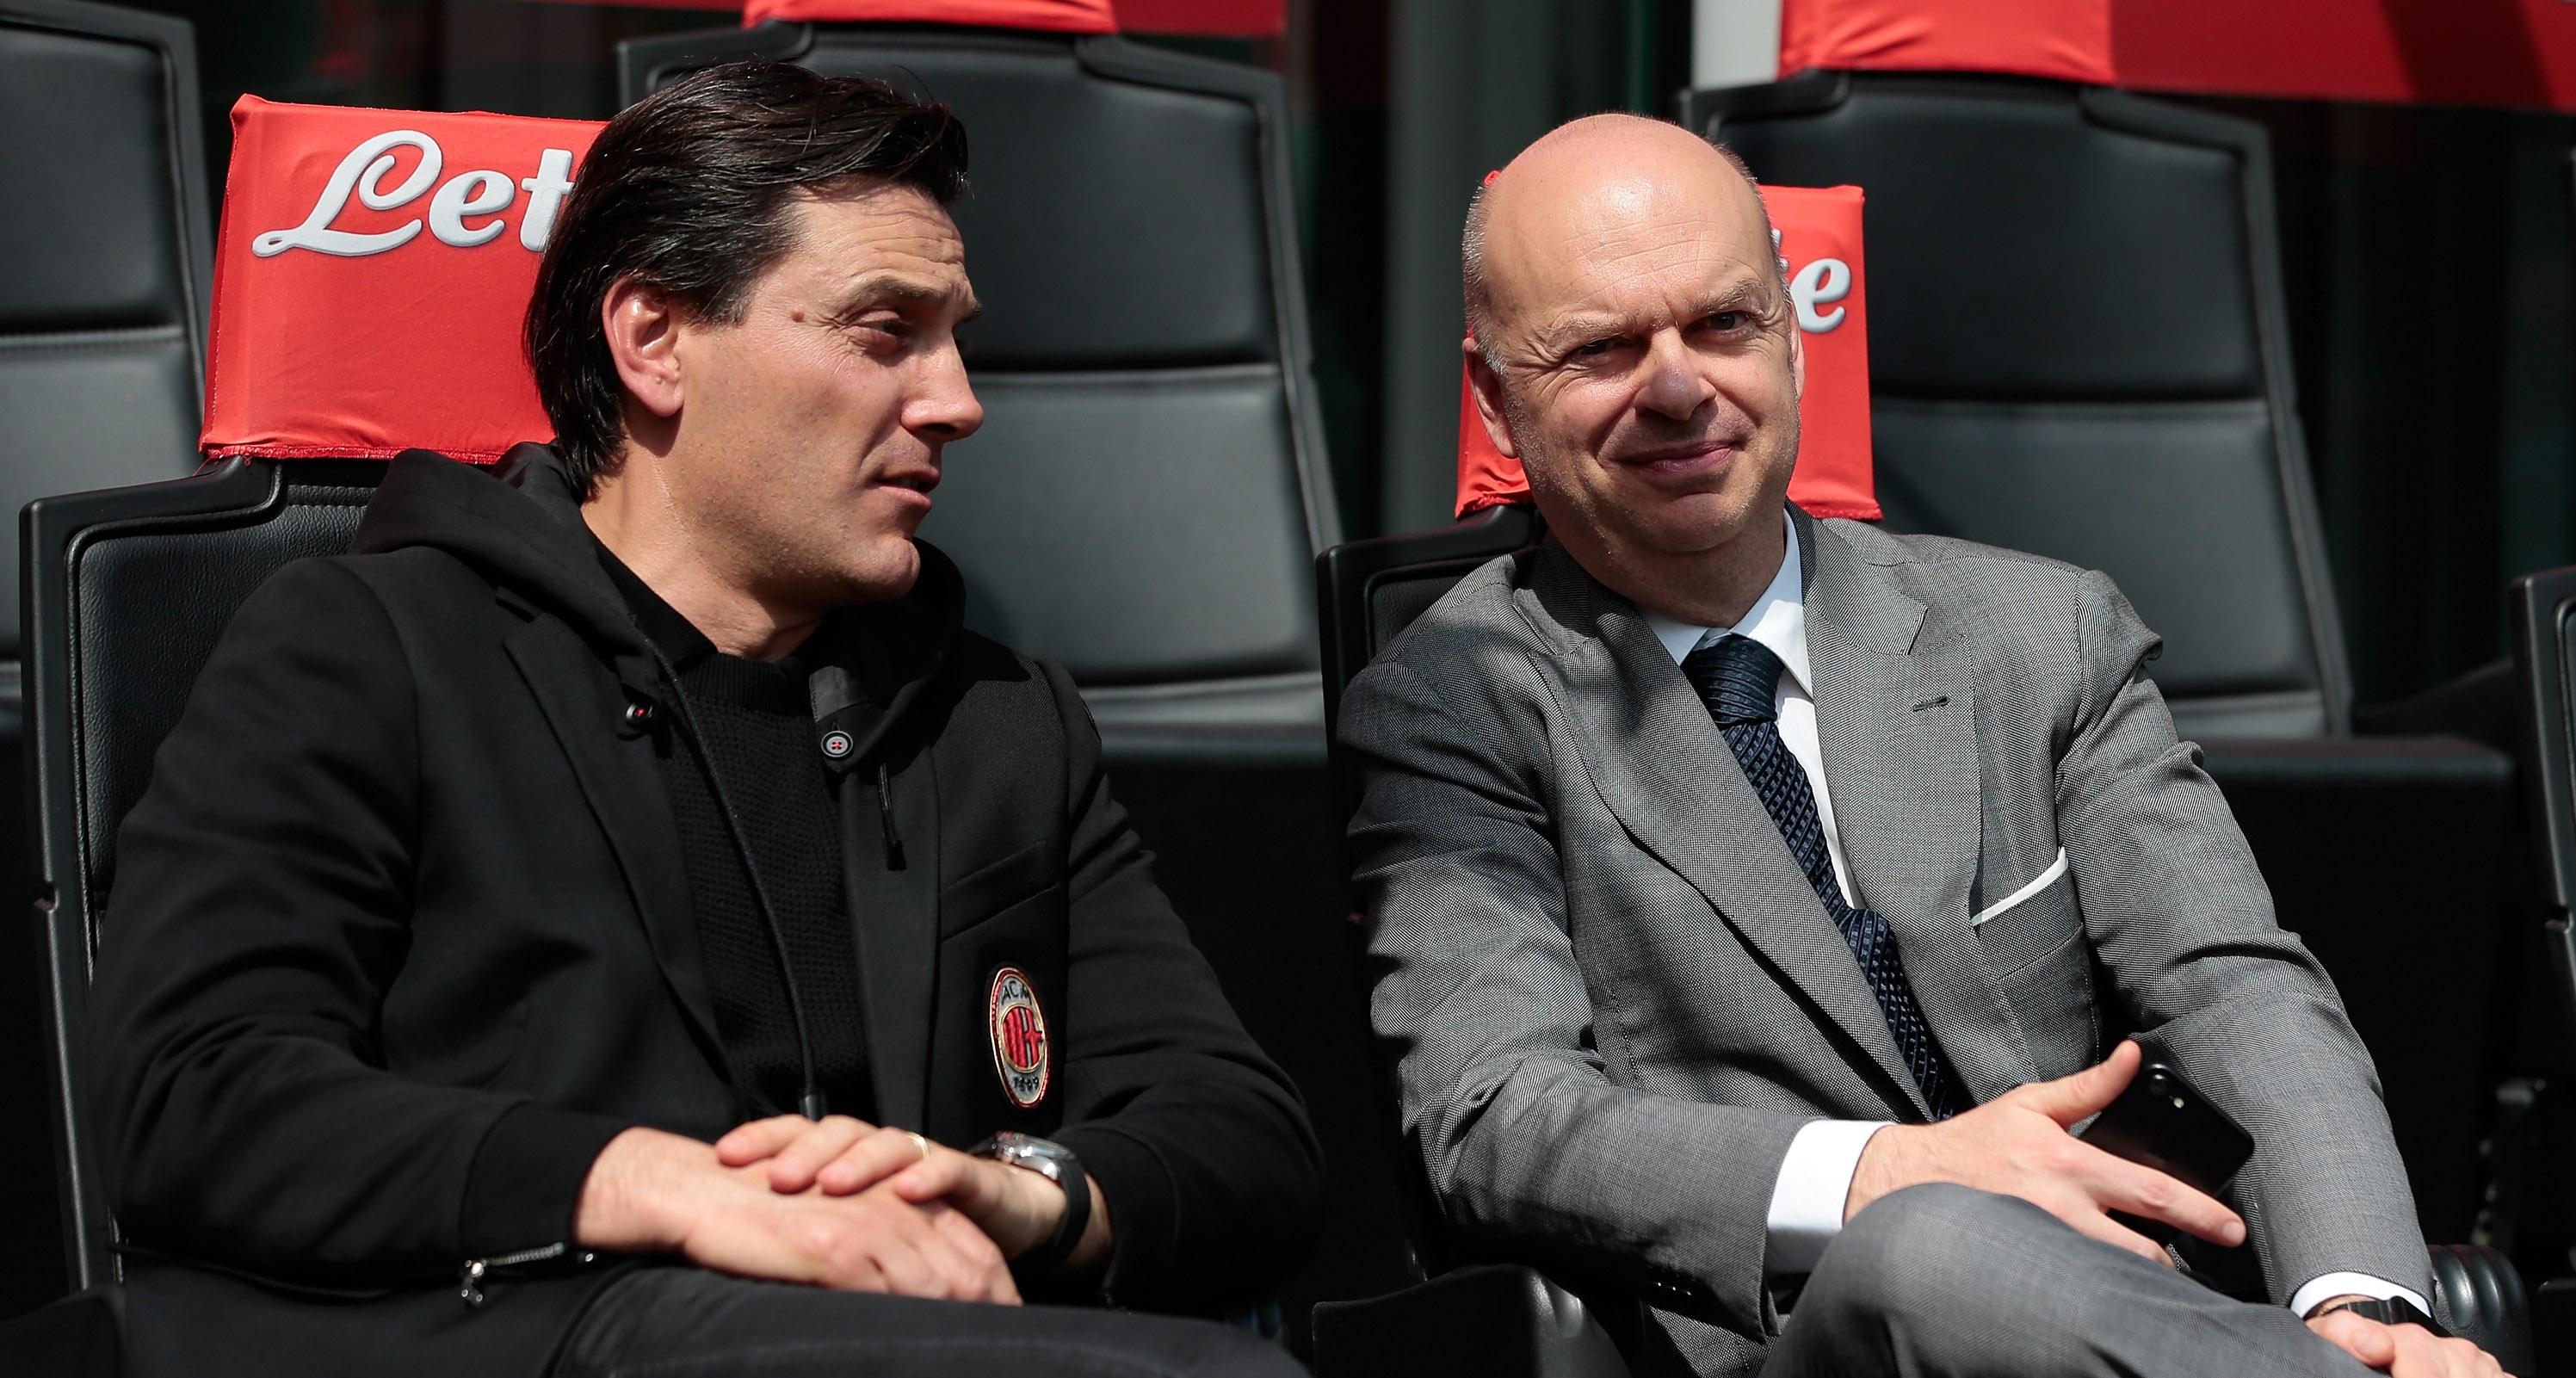 Ръководството на Милан в лицето на изпълнителния директор Марко Фасоне